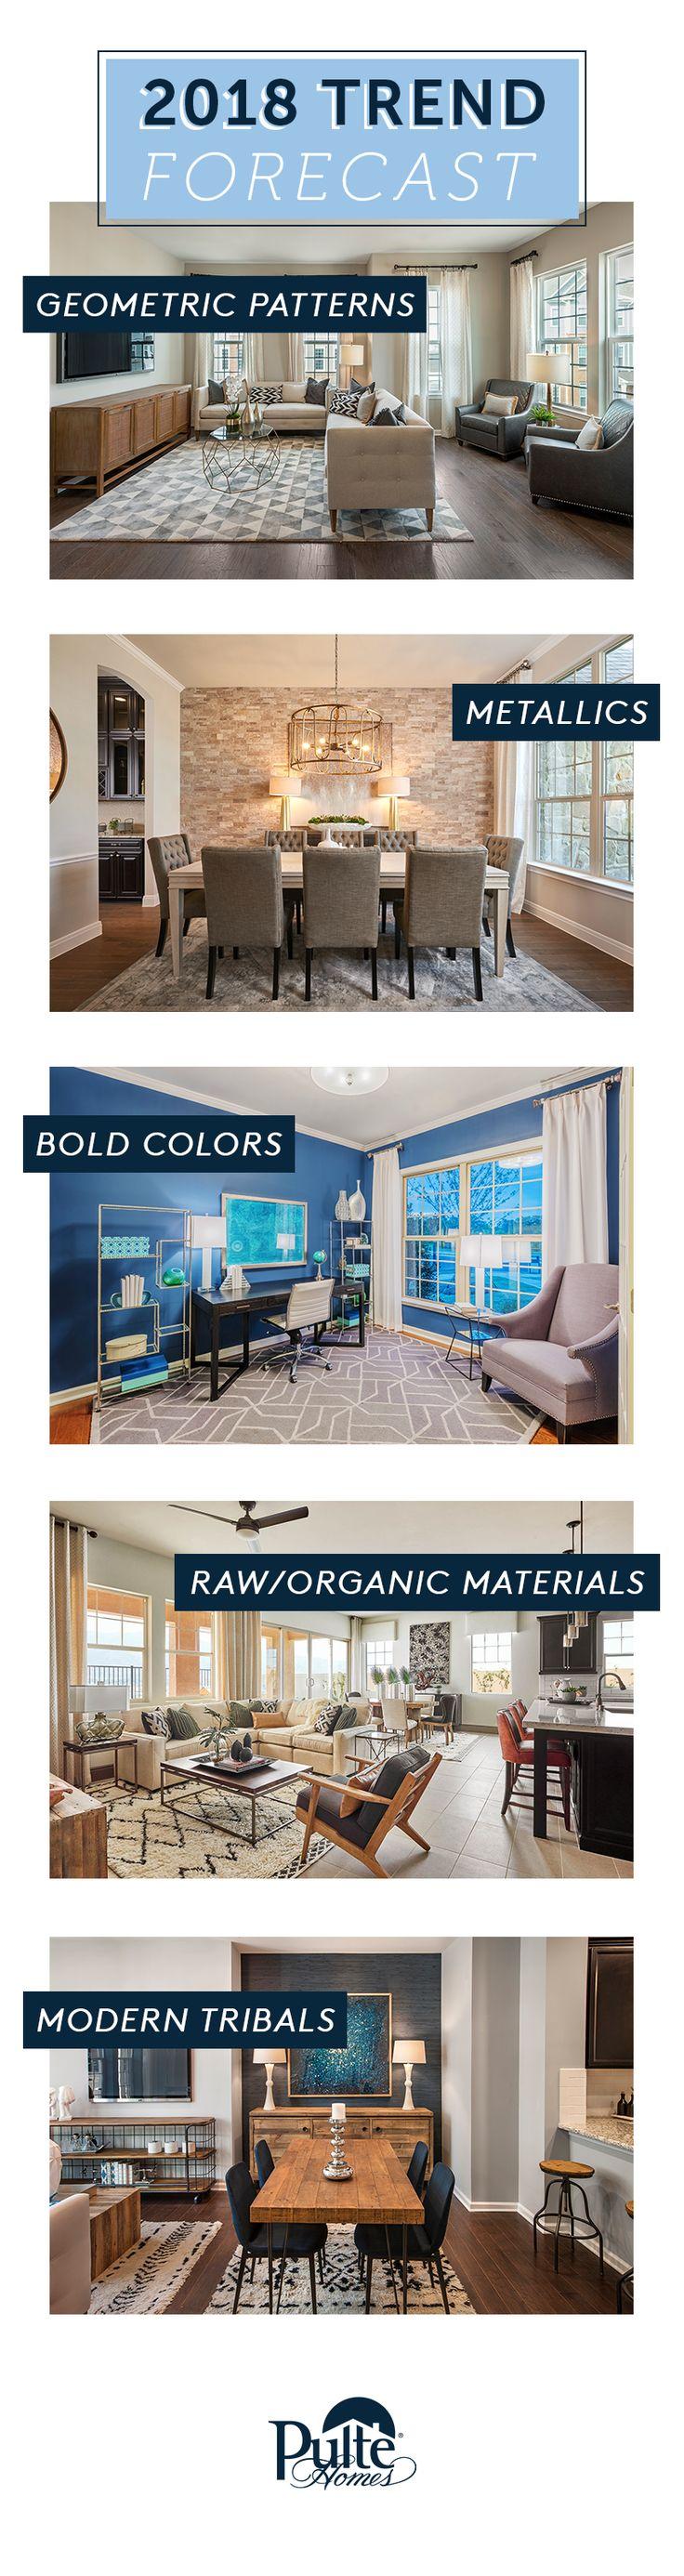 Best 25+ Pulte homes ideas on Pinterest | Ceiling paint colors ...